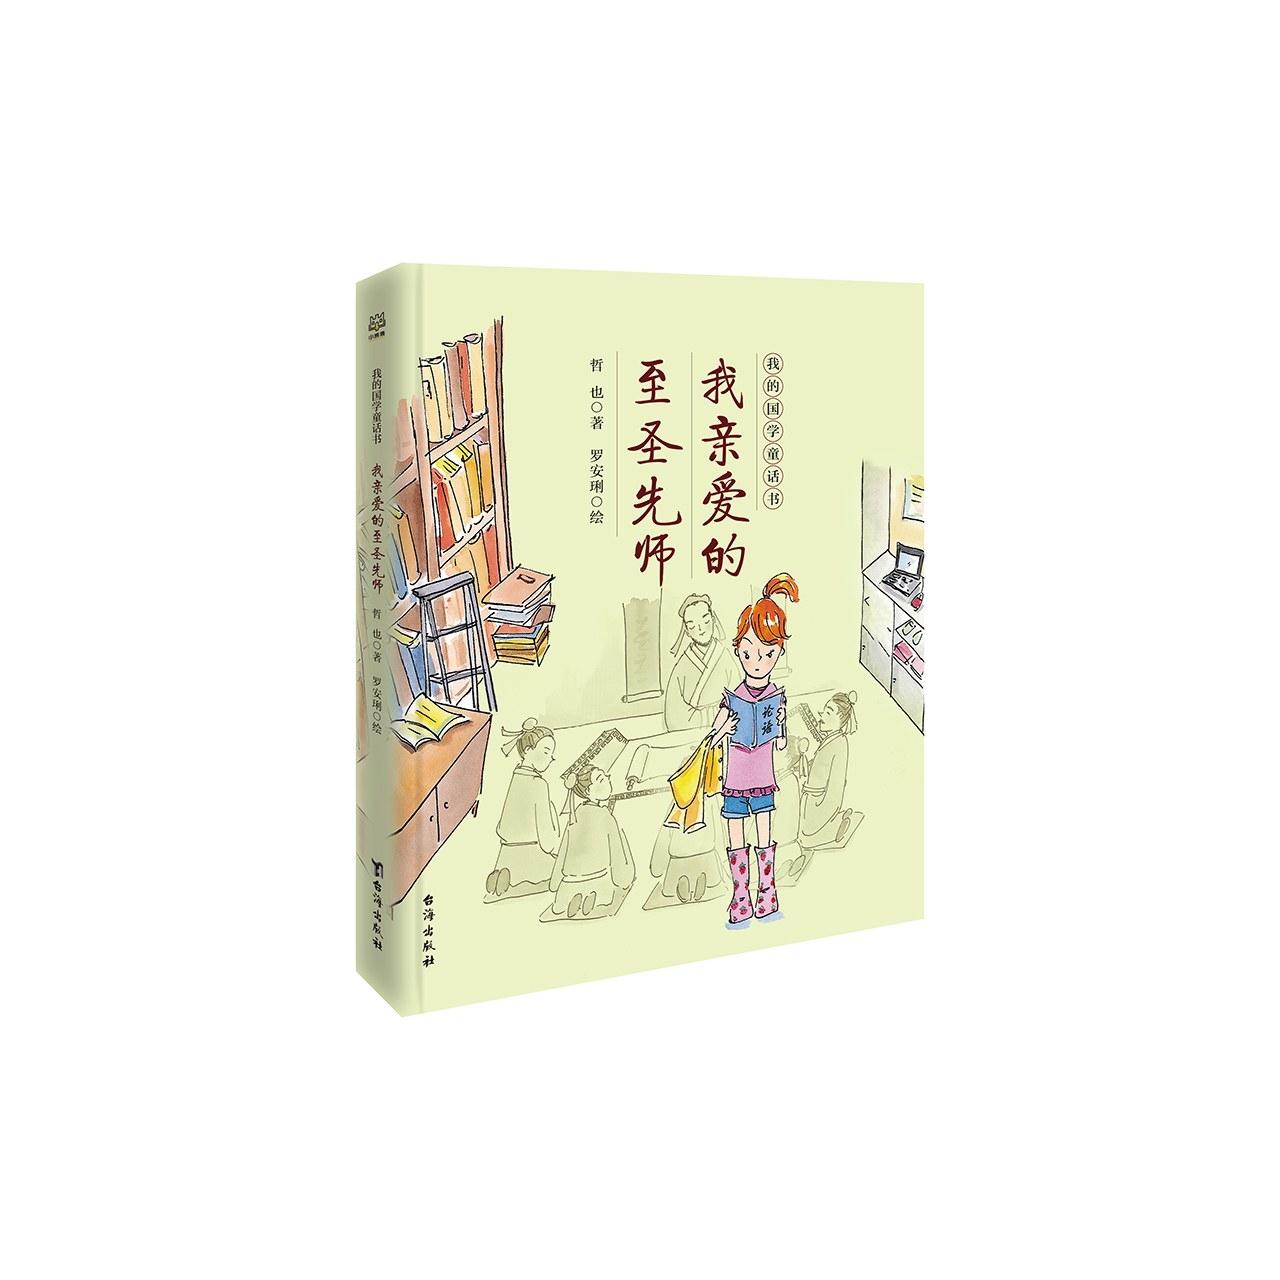 我亲爱的至圣先师【儿童文学/青少年读物/童话版论语】